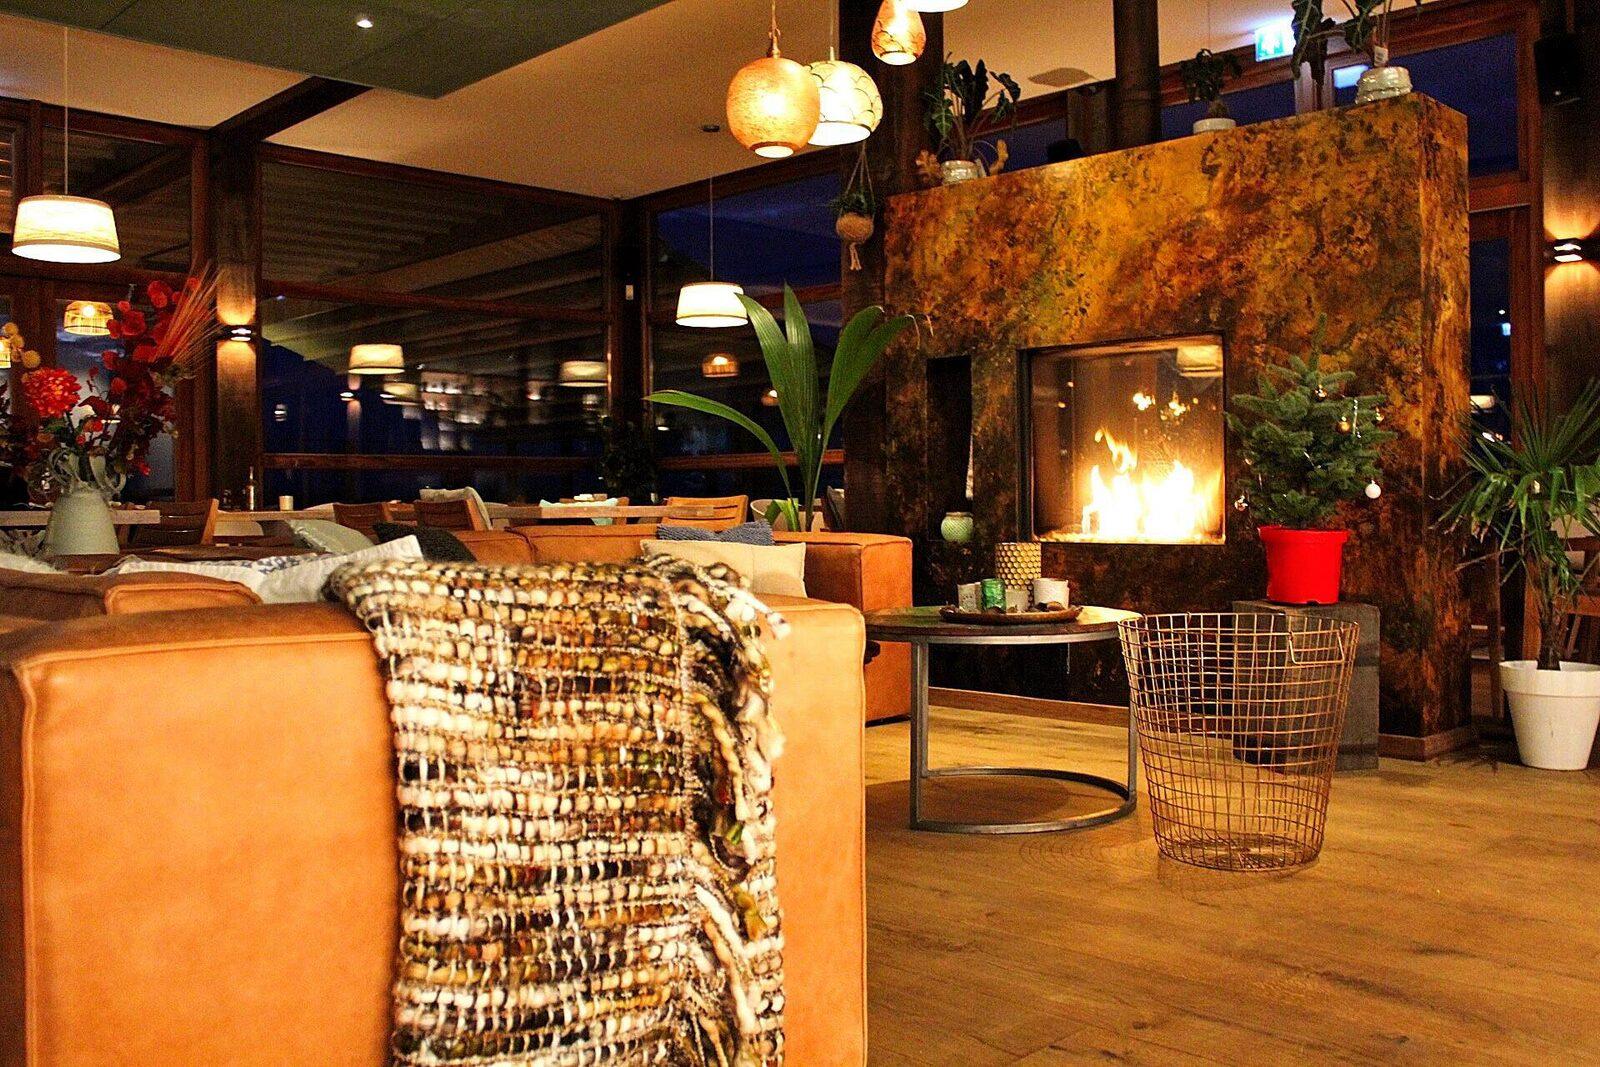 Beachrestaurant De DAM